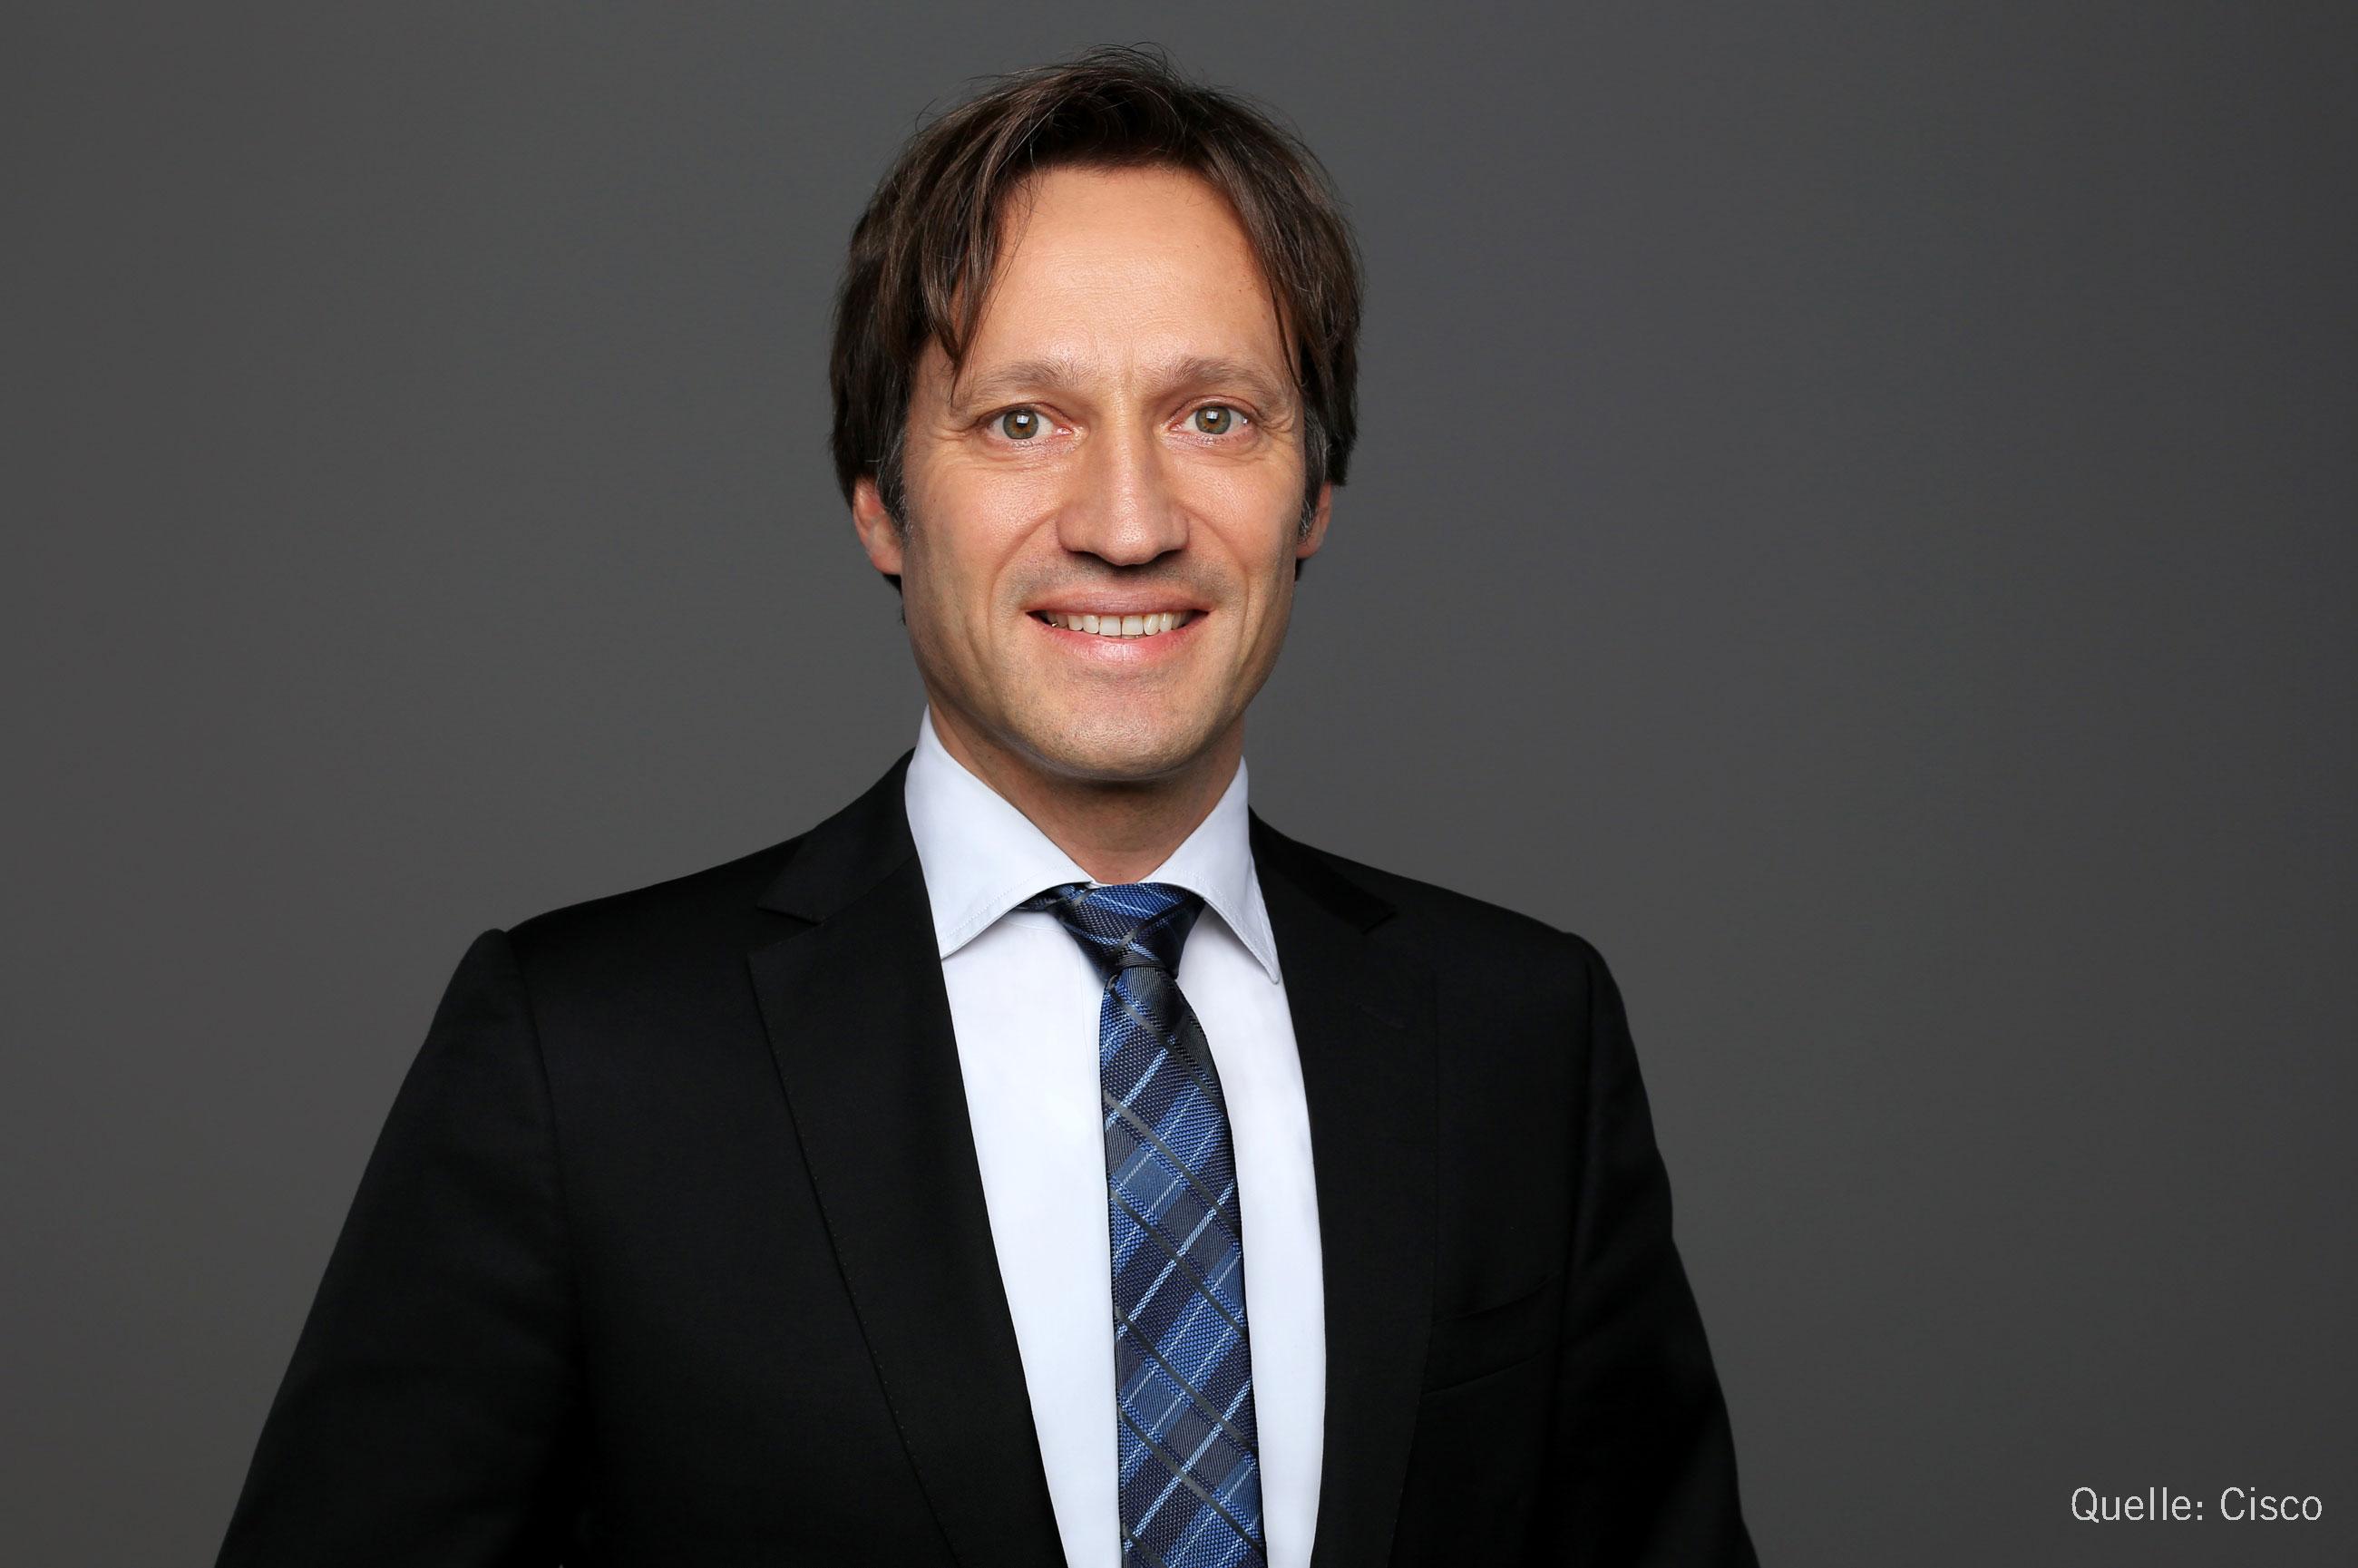 Uwe-Peter